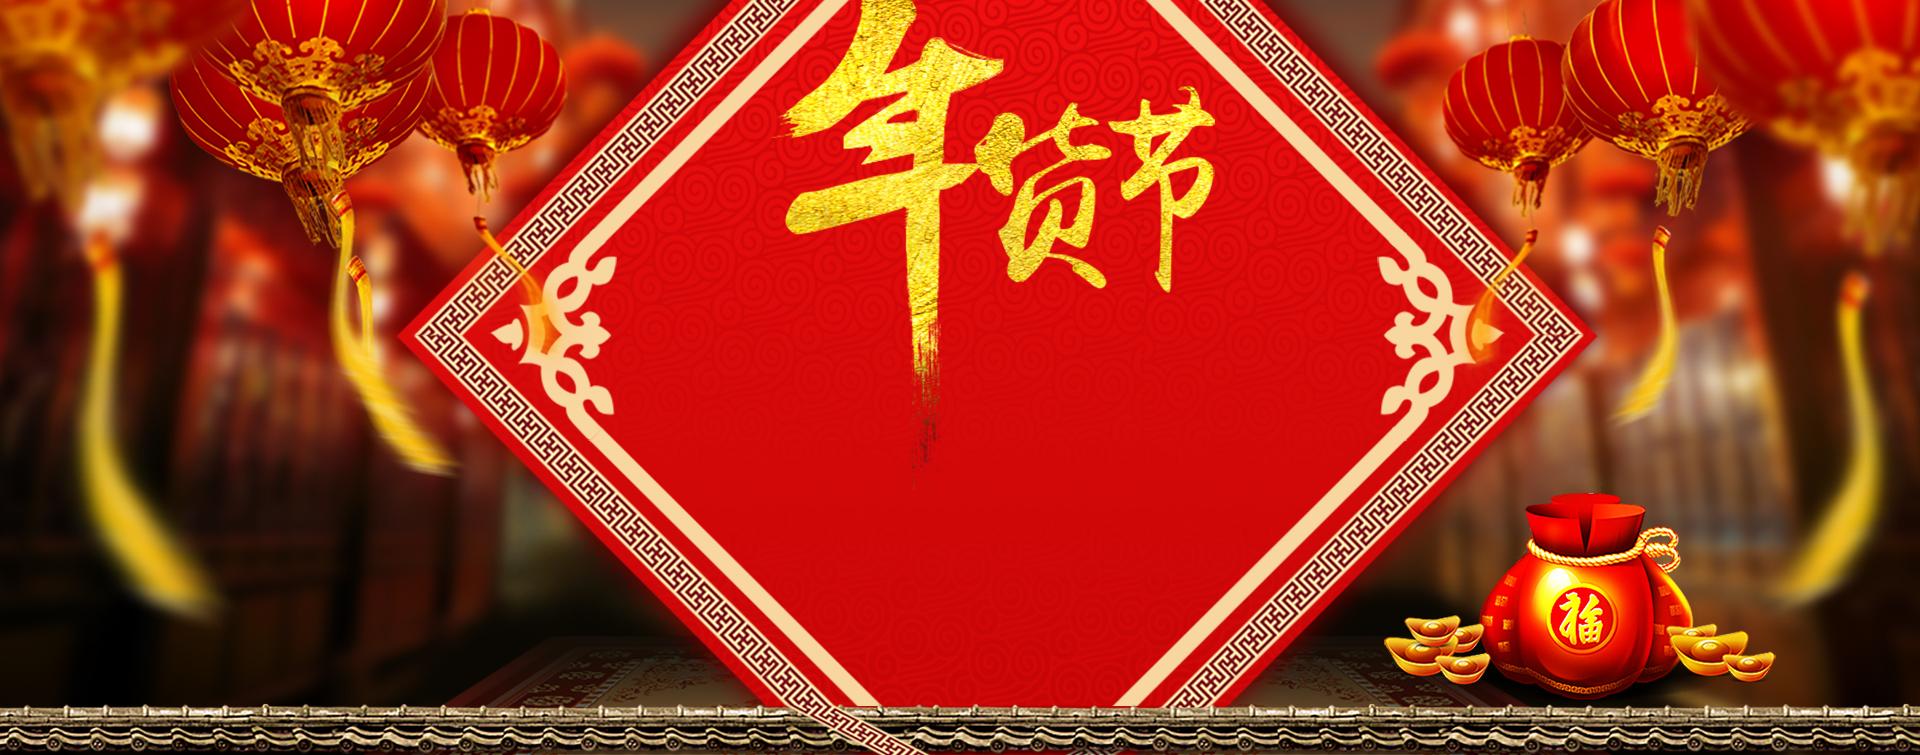 Baru Rata Angin Semasa Poster Latar Belakang Tahun Cina Gaya Bendera Merah Putih Plastik Flag Palstik Lantern Hari Imej Untuk Muat Turun Percuma